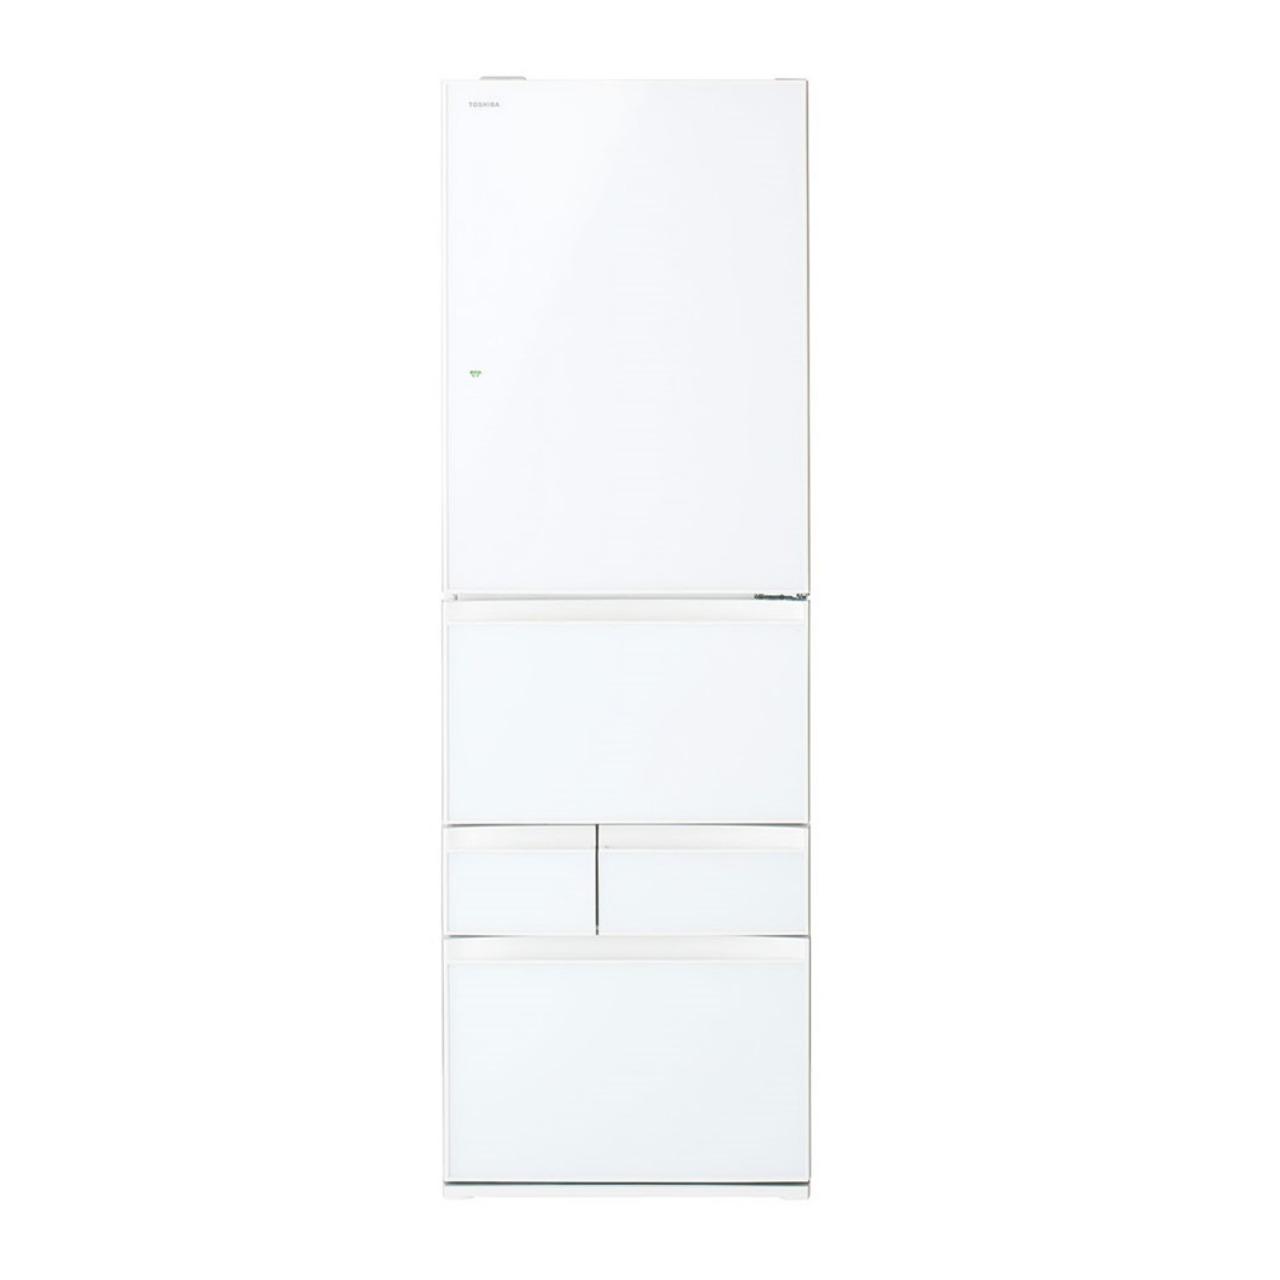 東芝GR-K41GXV冷蔵庫